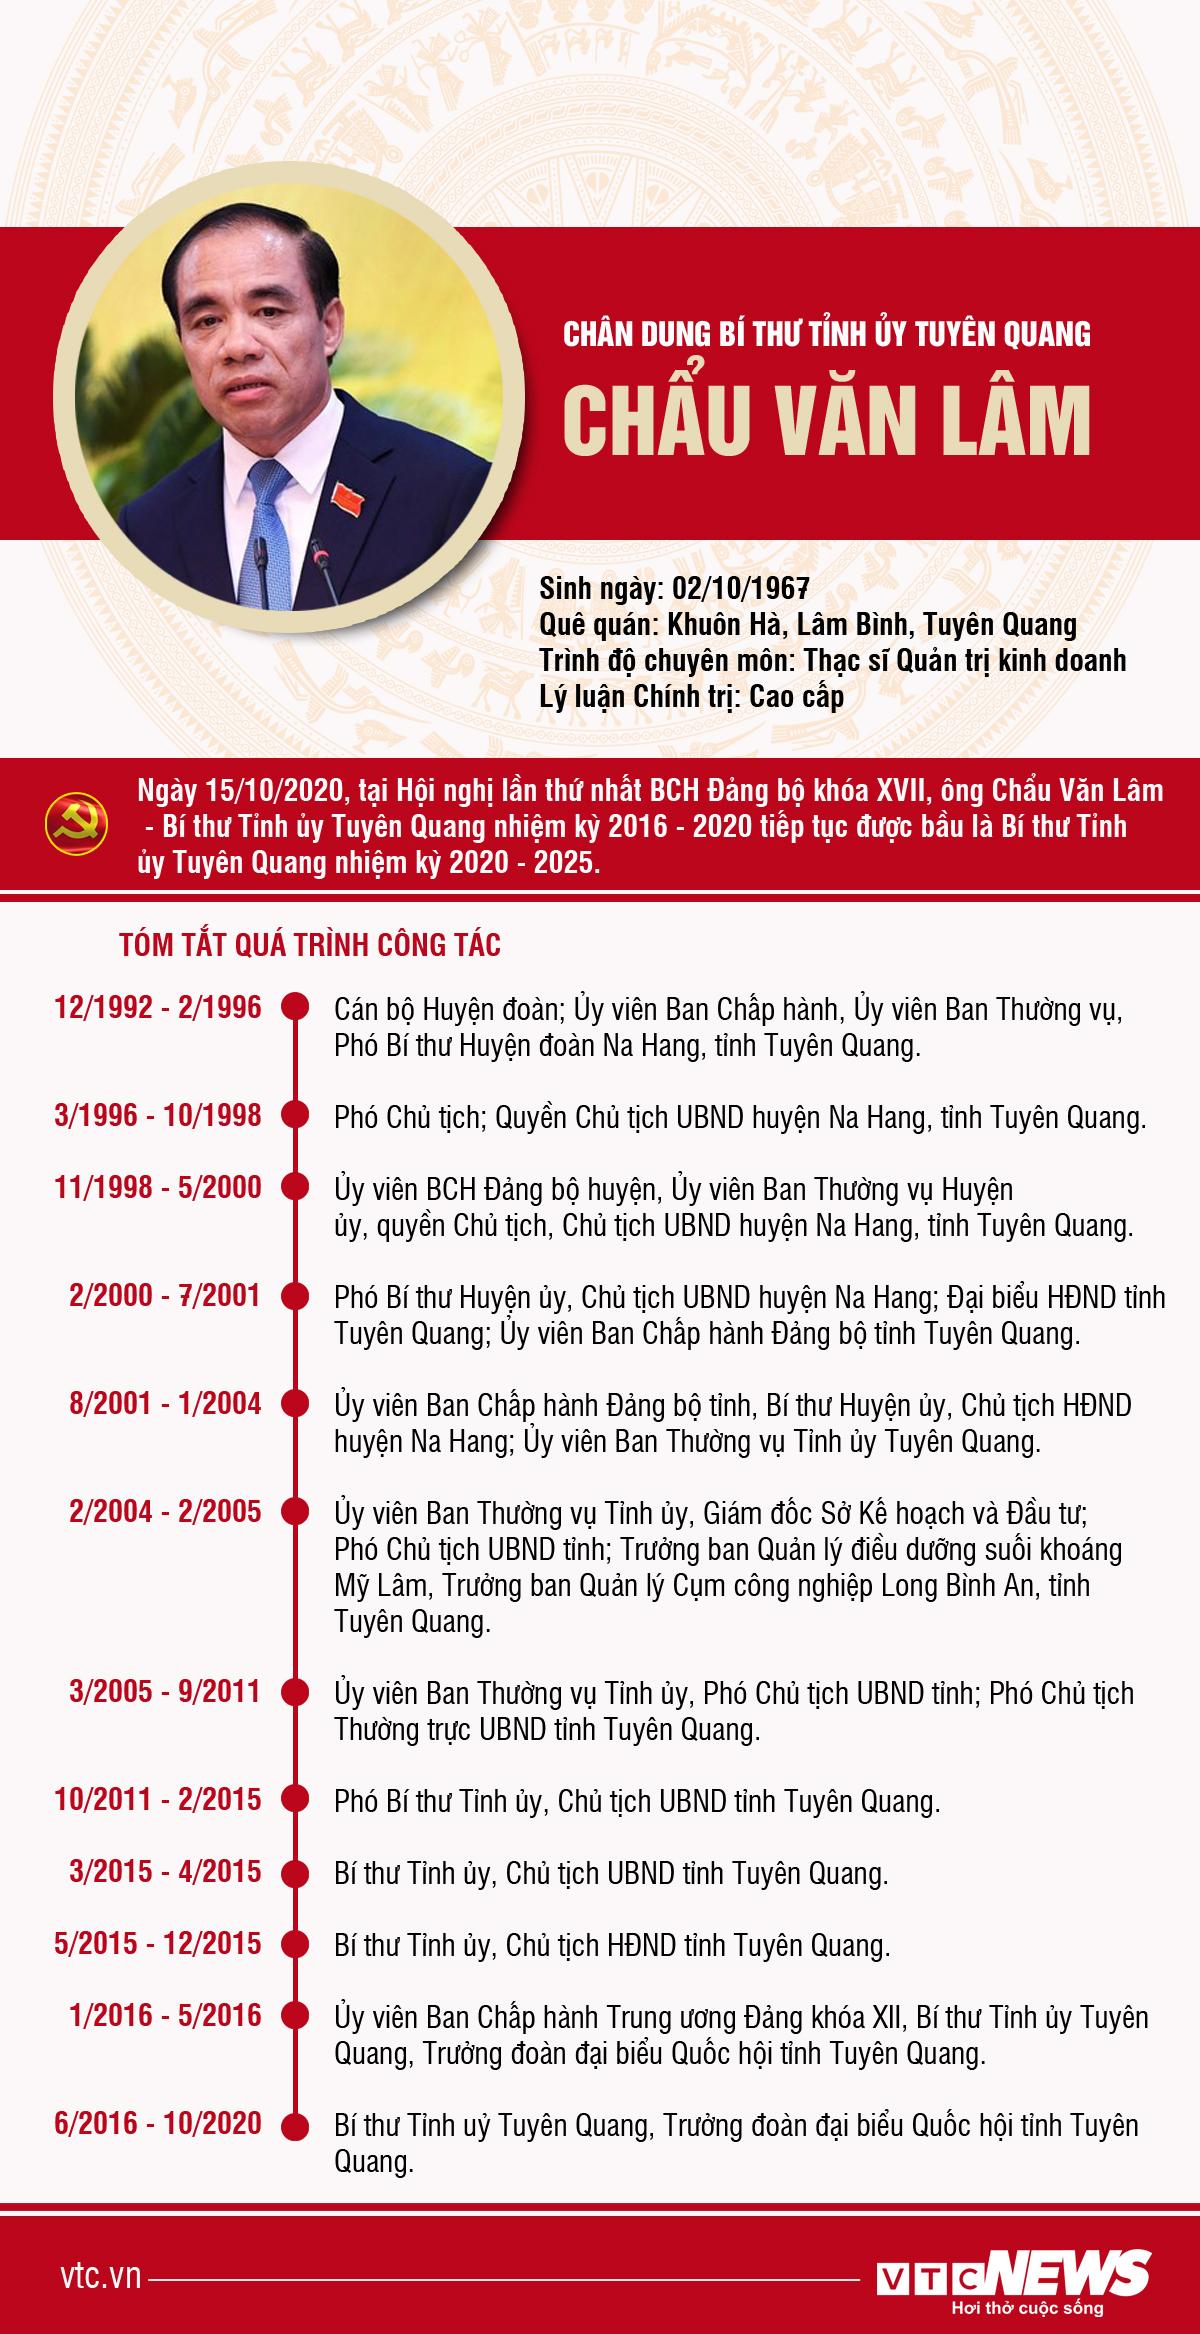 Infographic: Sự nghiệp Bí thư Tỉnh ủy Tuyên Quang Chẩu Văn Lâm - 1